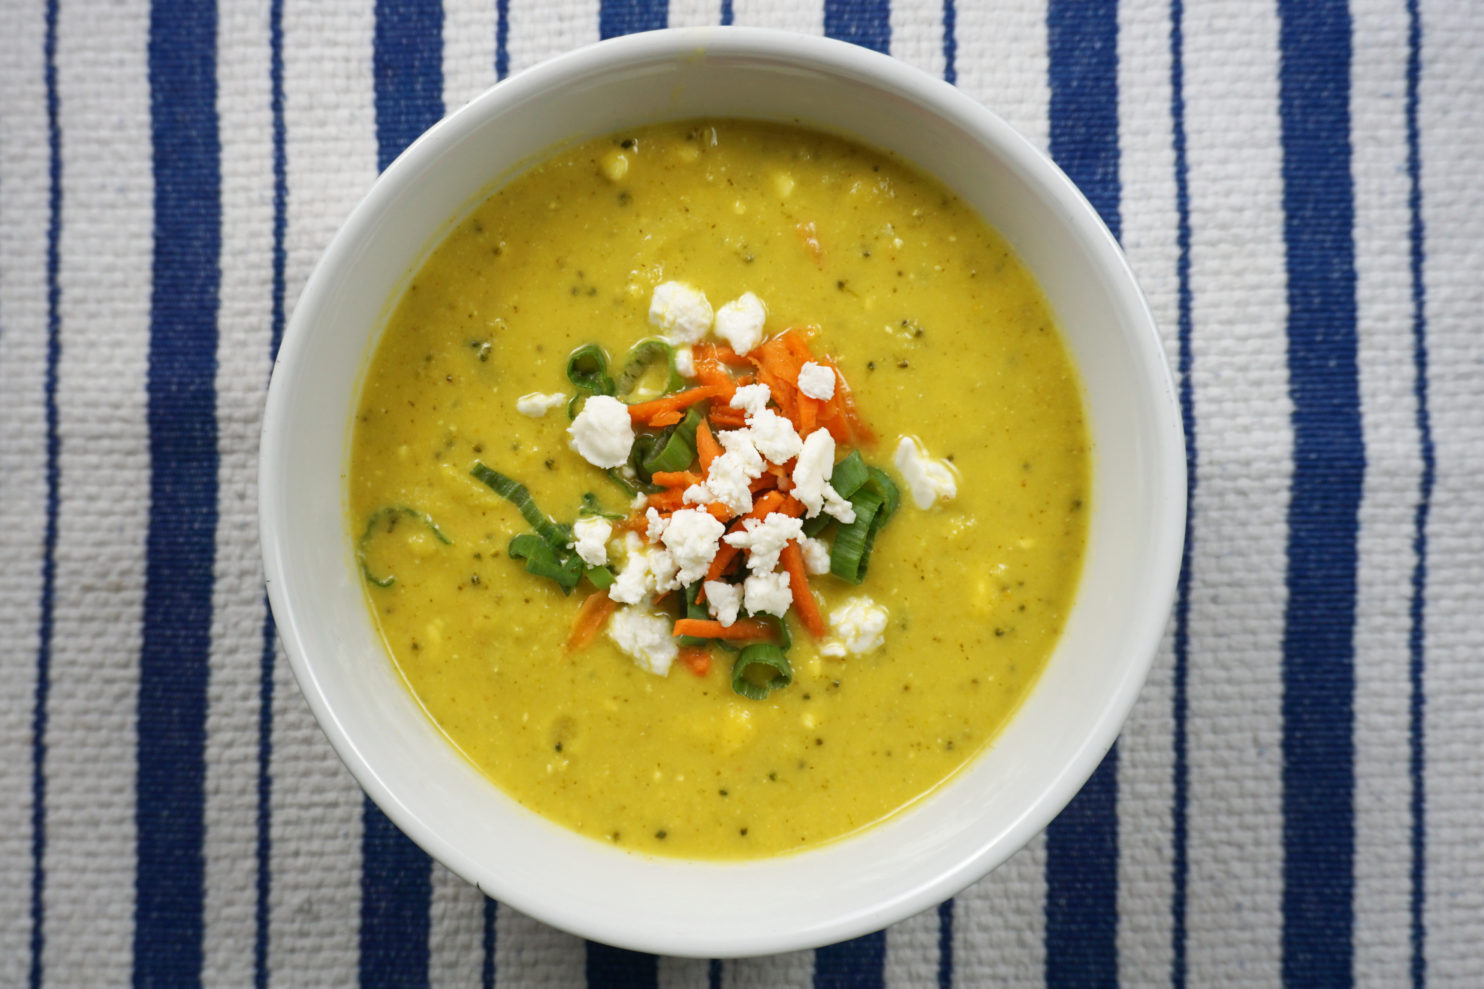 creamy antioxidant and anti-inflammatory soup